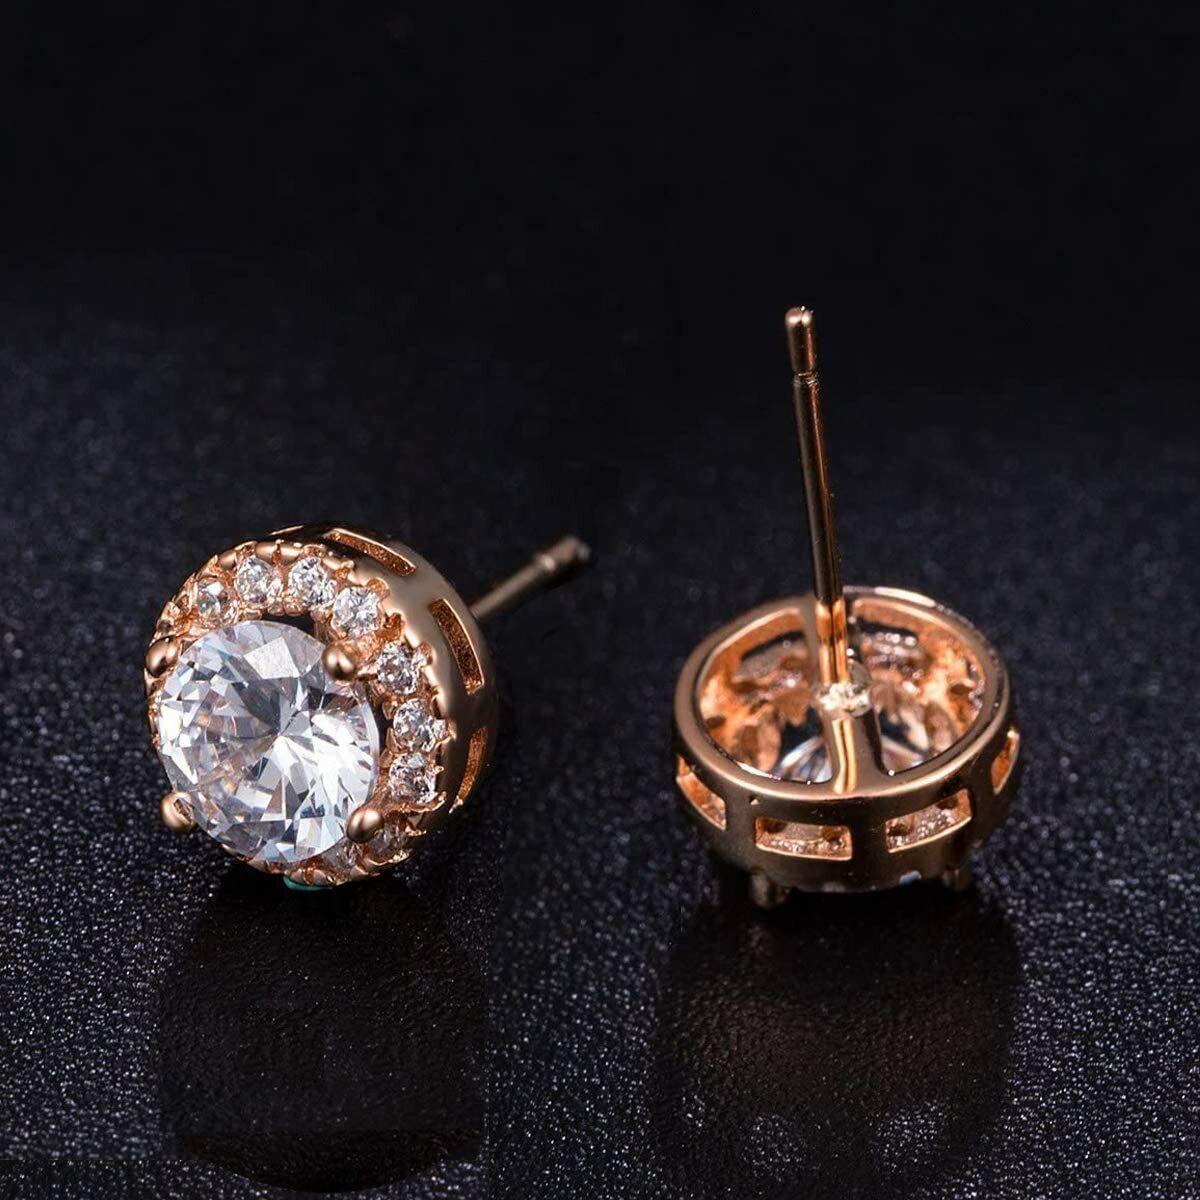 ELEGANT Earrings for Women 18k Rose Gold Plated Beautiful CZ Stud Earrings 4